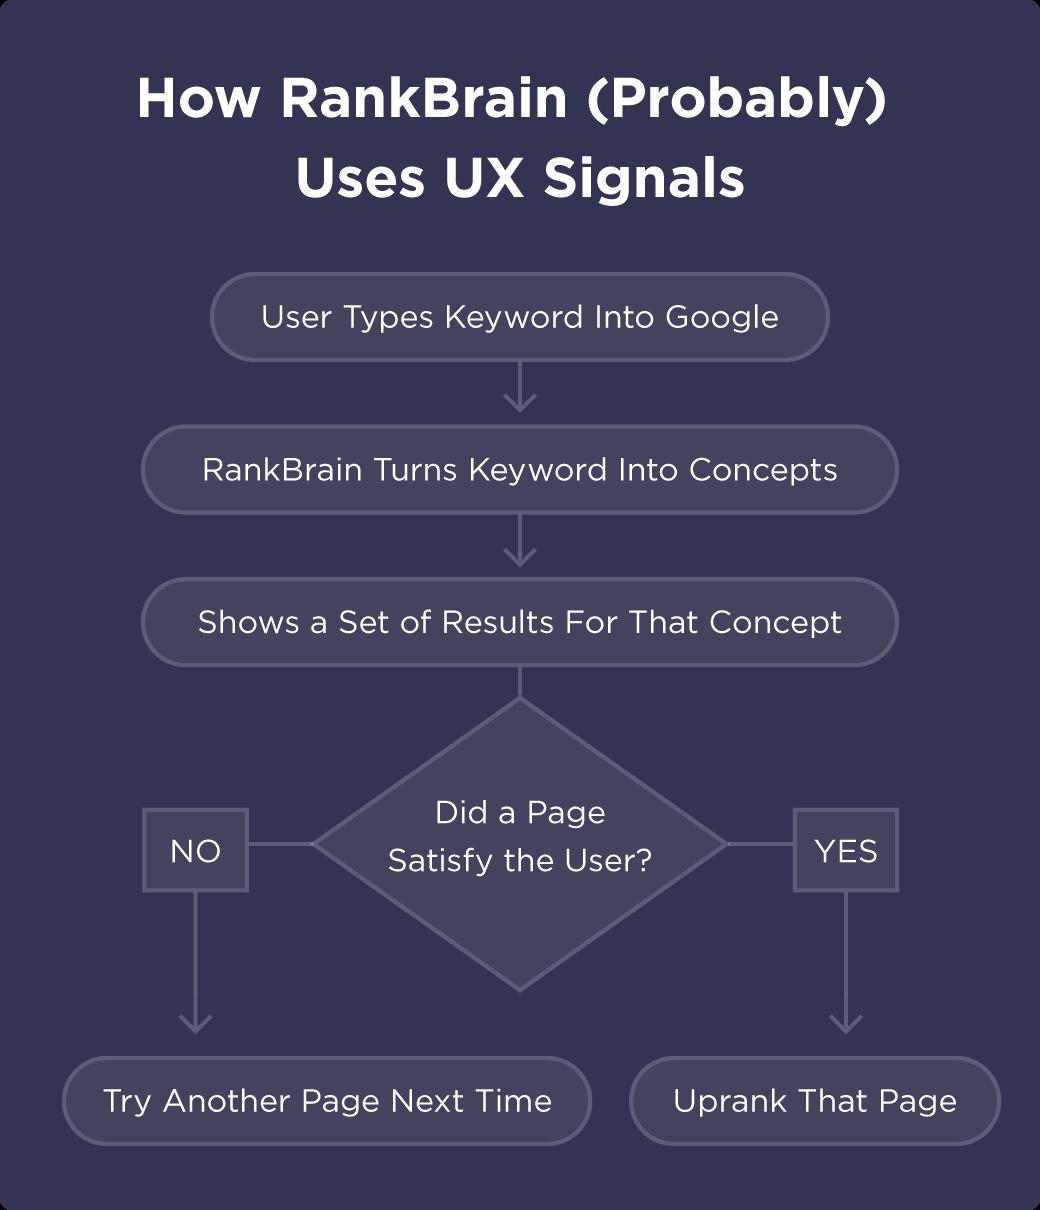 ux signals